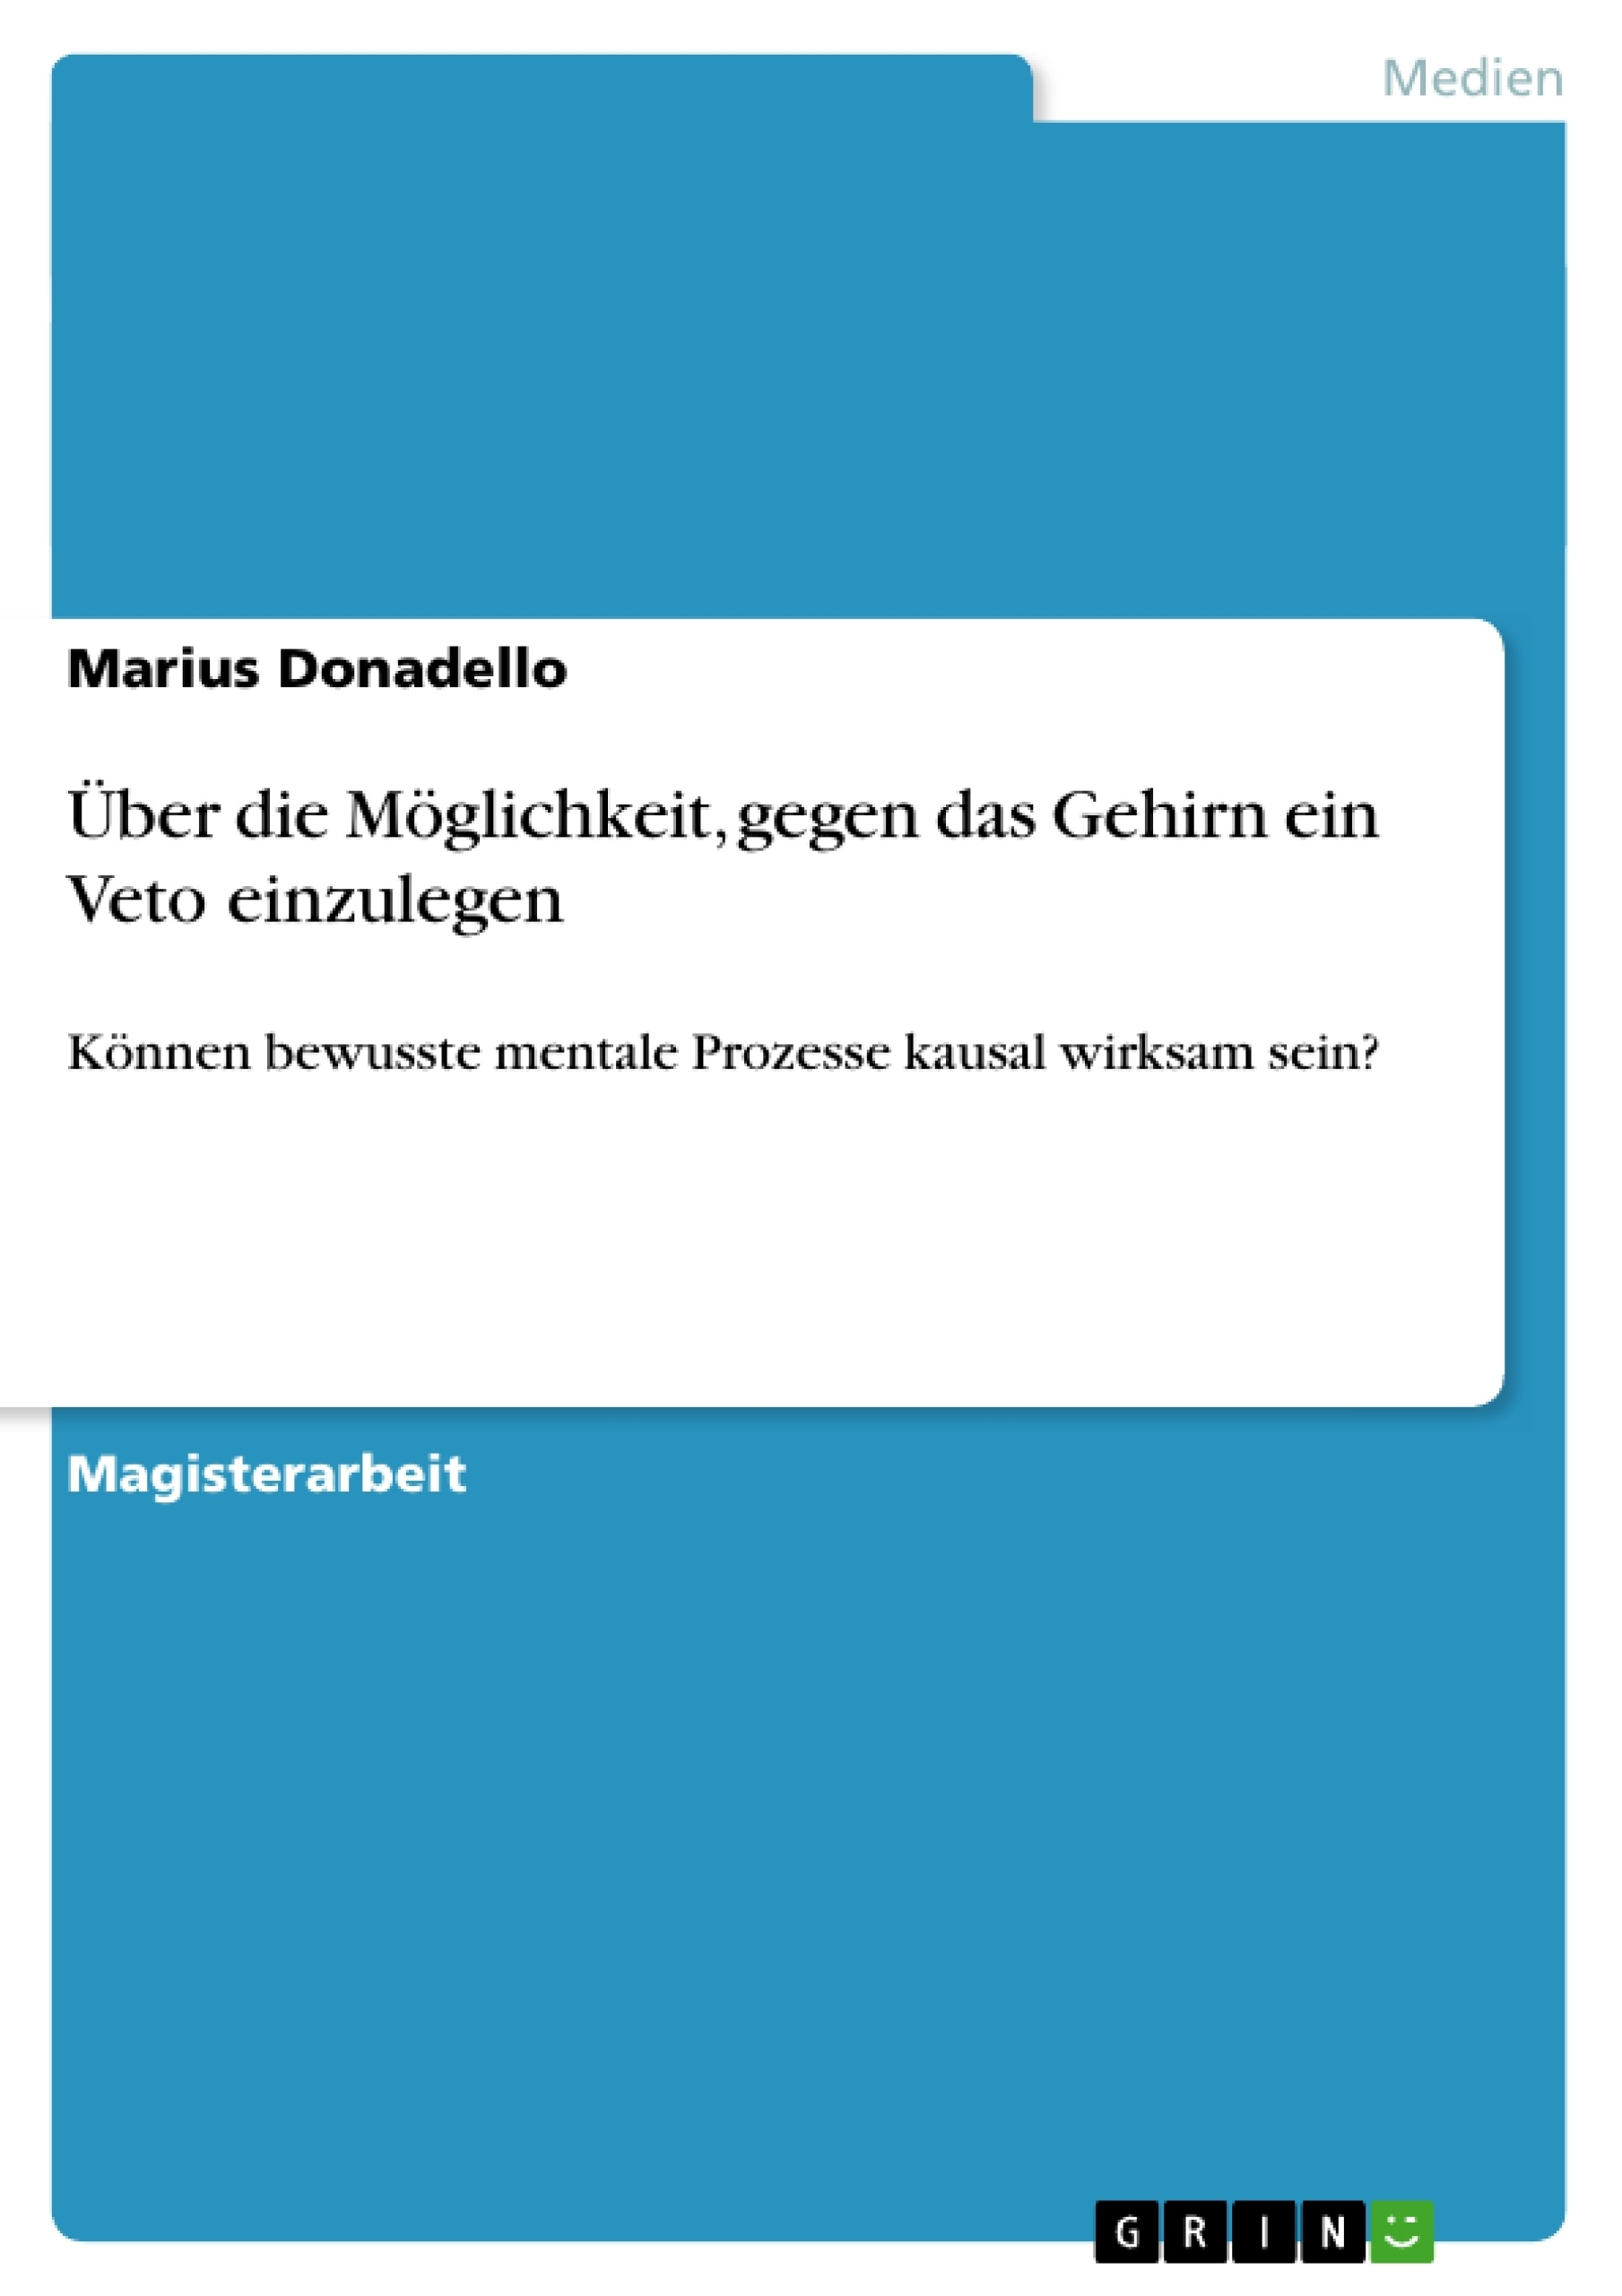 Titel: Über die Möglichkeit, gegen das Gehirn ein Veto einzulegen